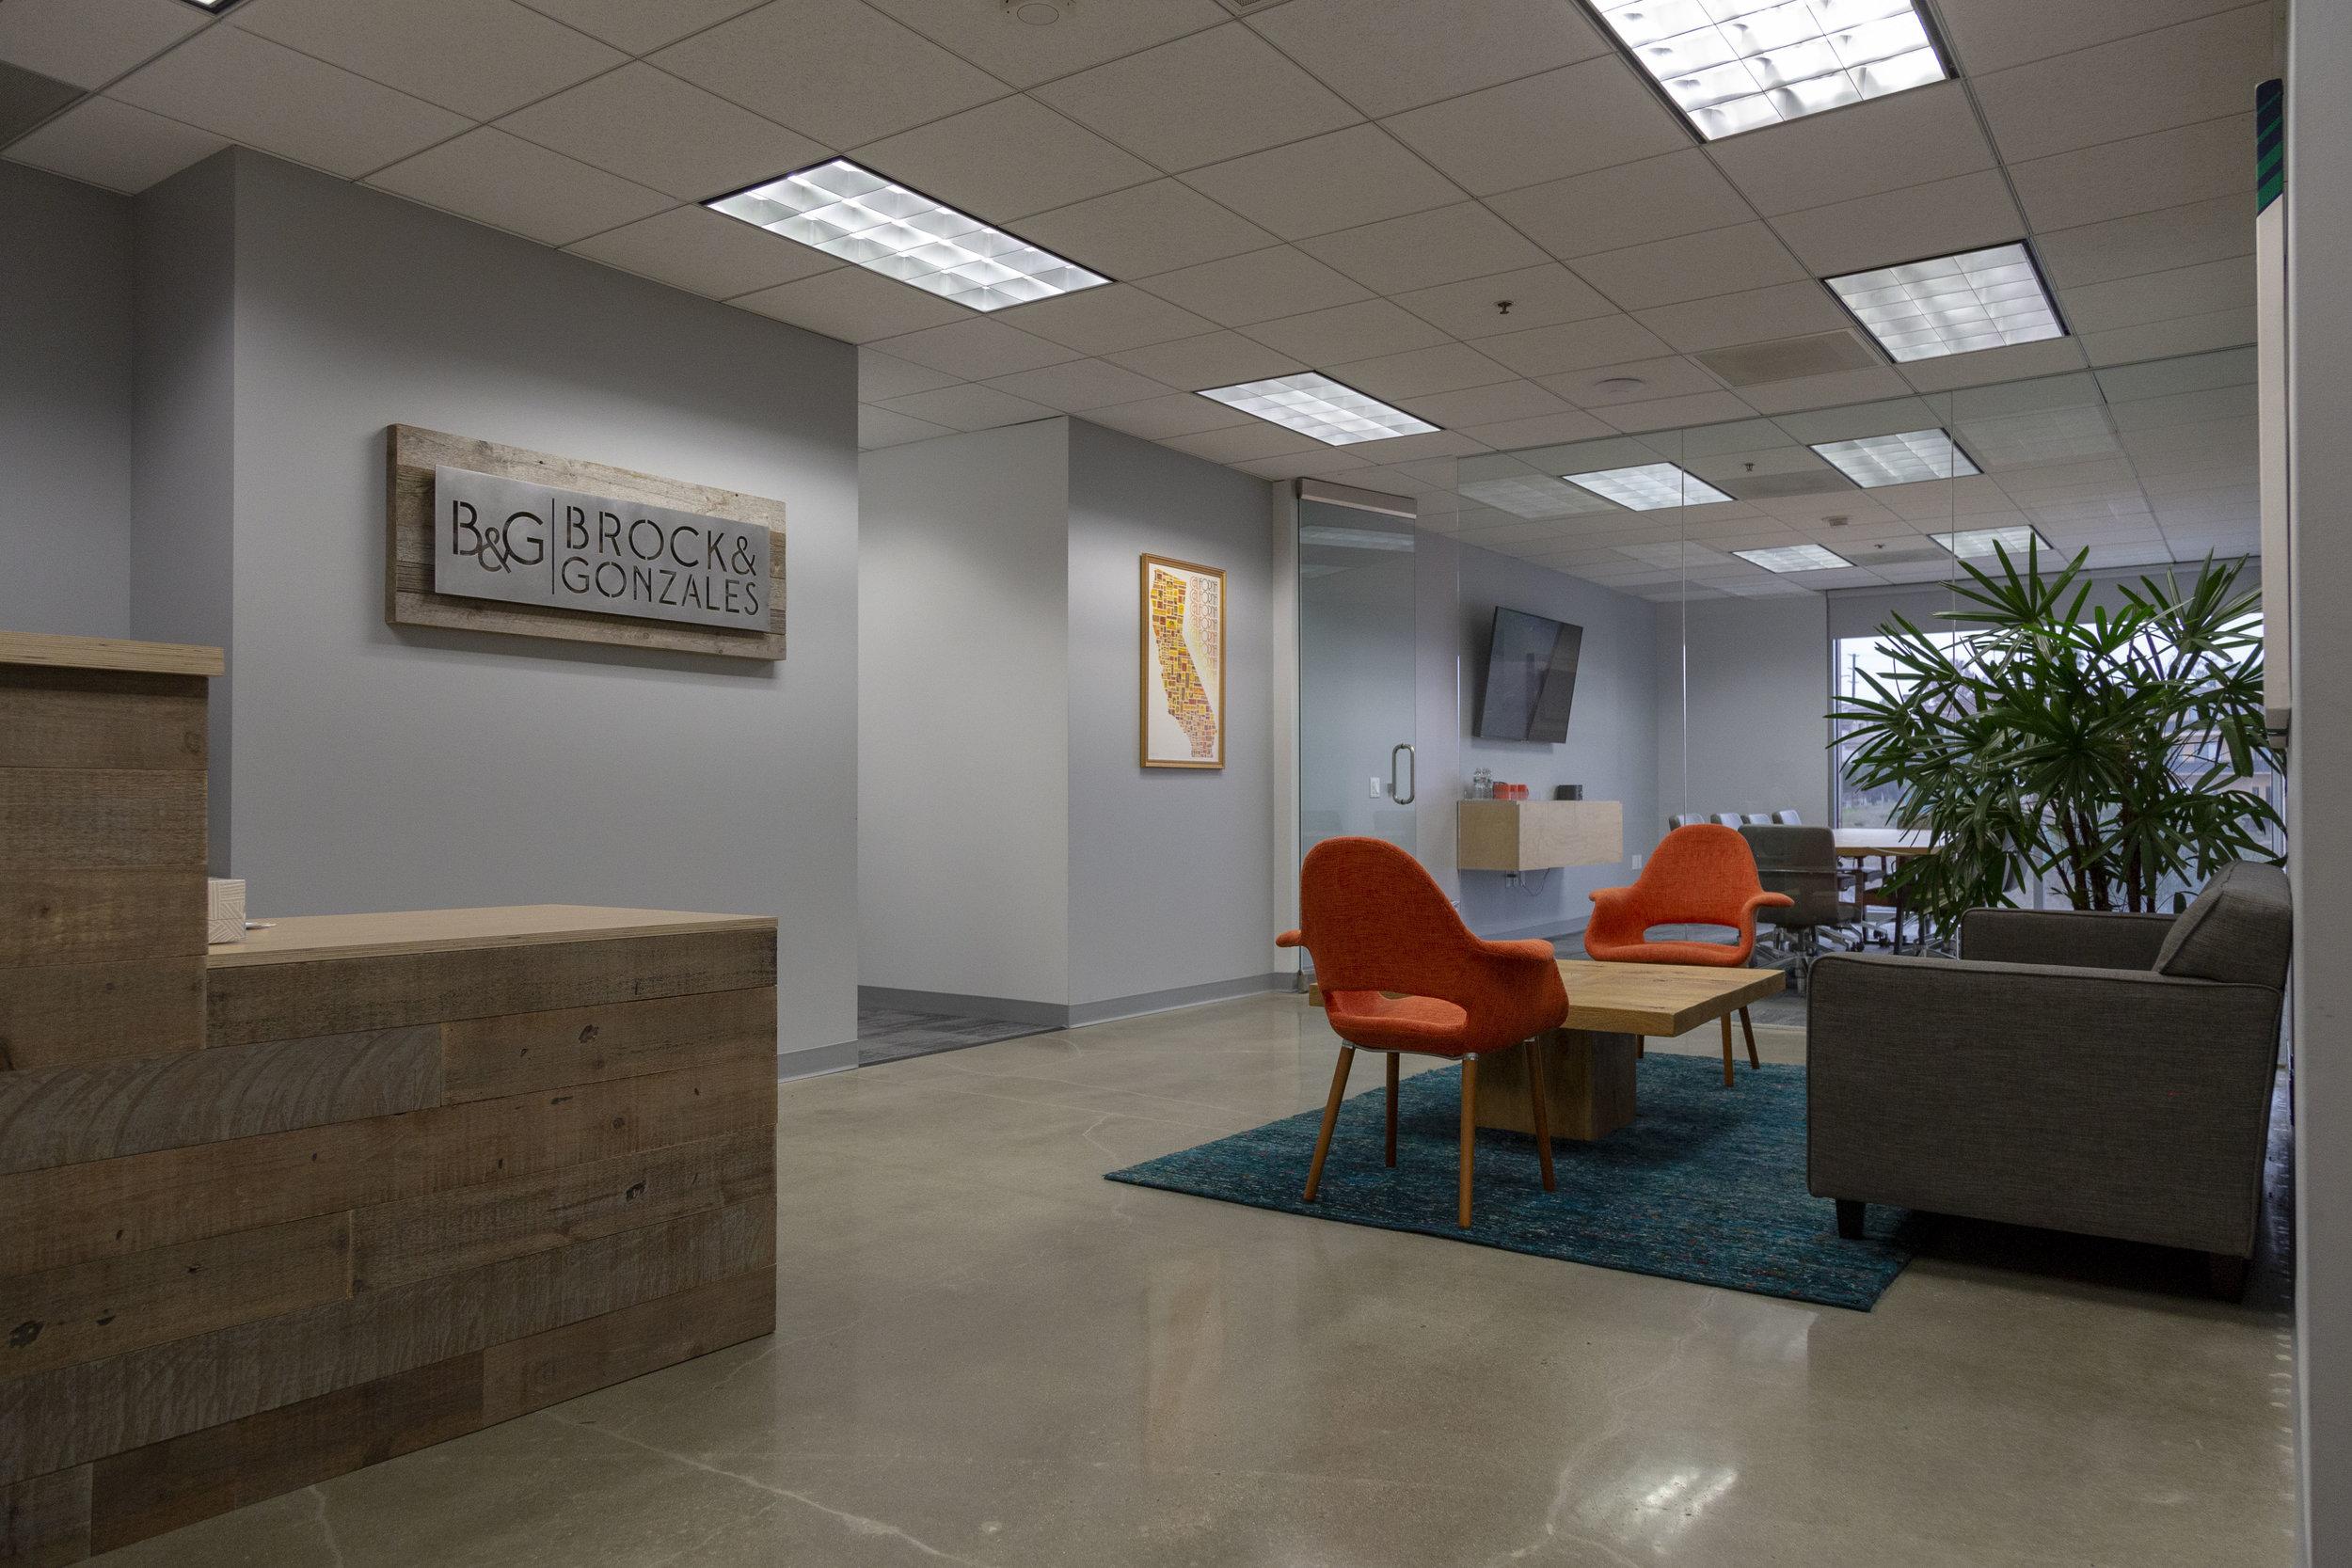 BG2018-Office_Lobby-A1.JPG